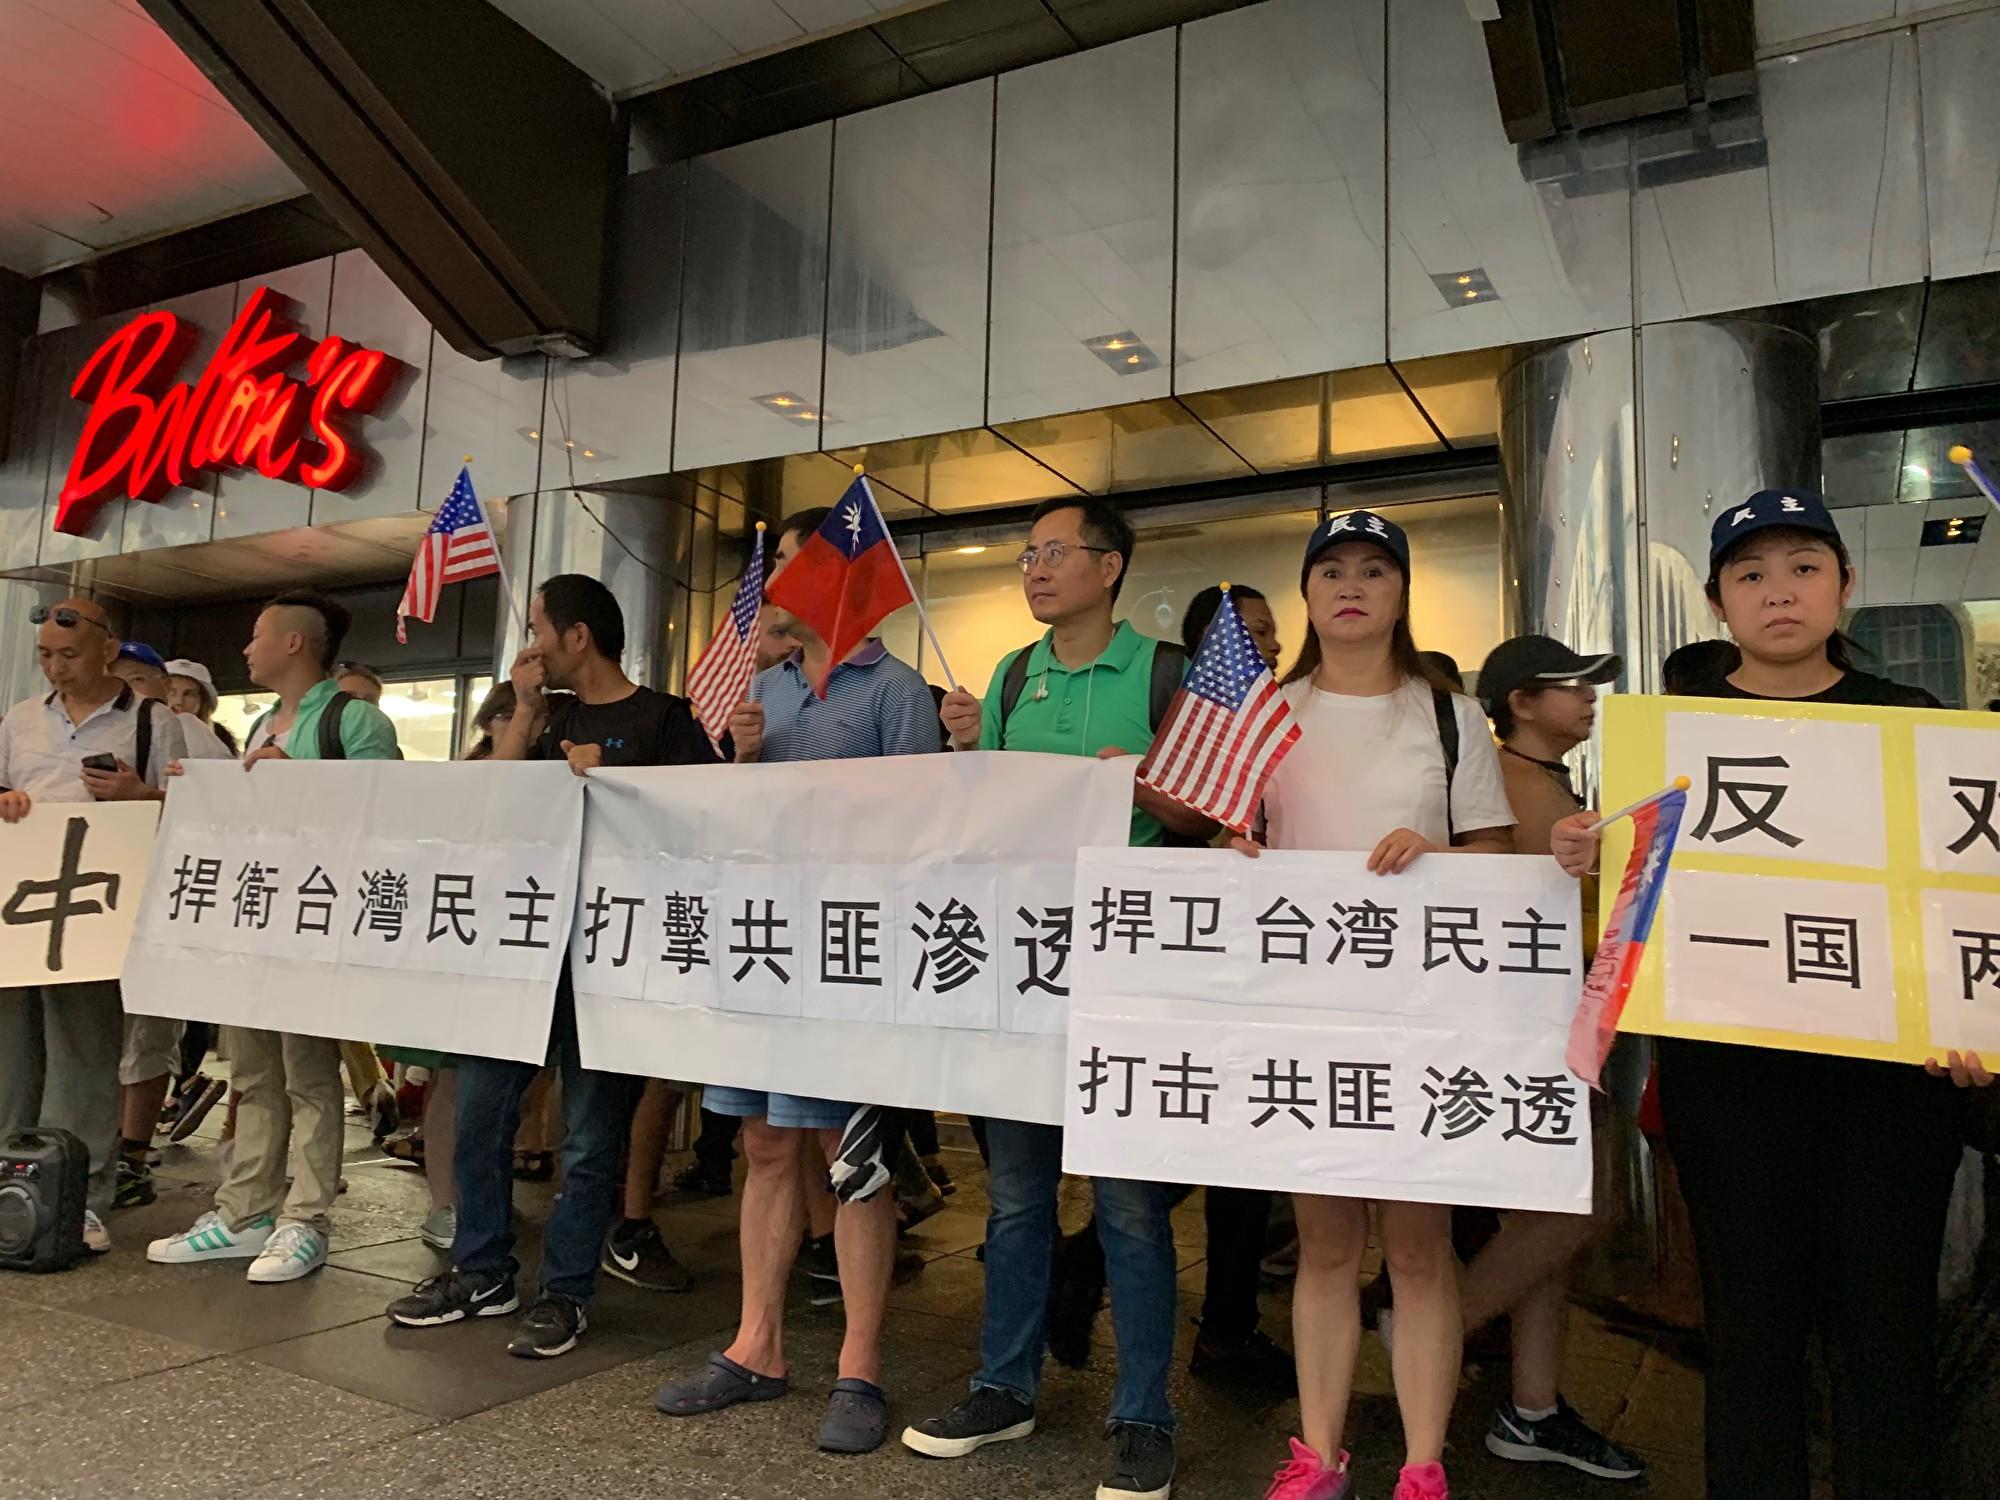 紐約華人歡迎蔡英文 對騷擾人士喊共產黨滾